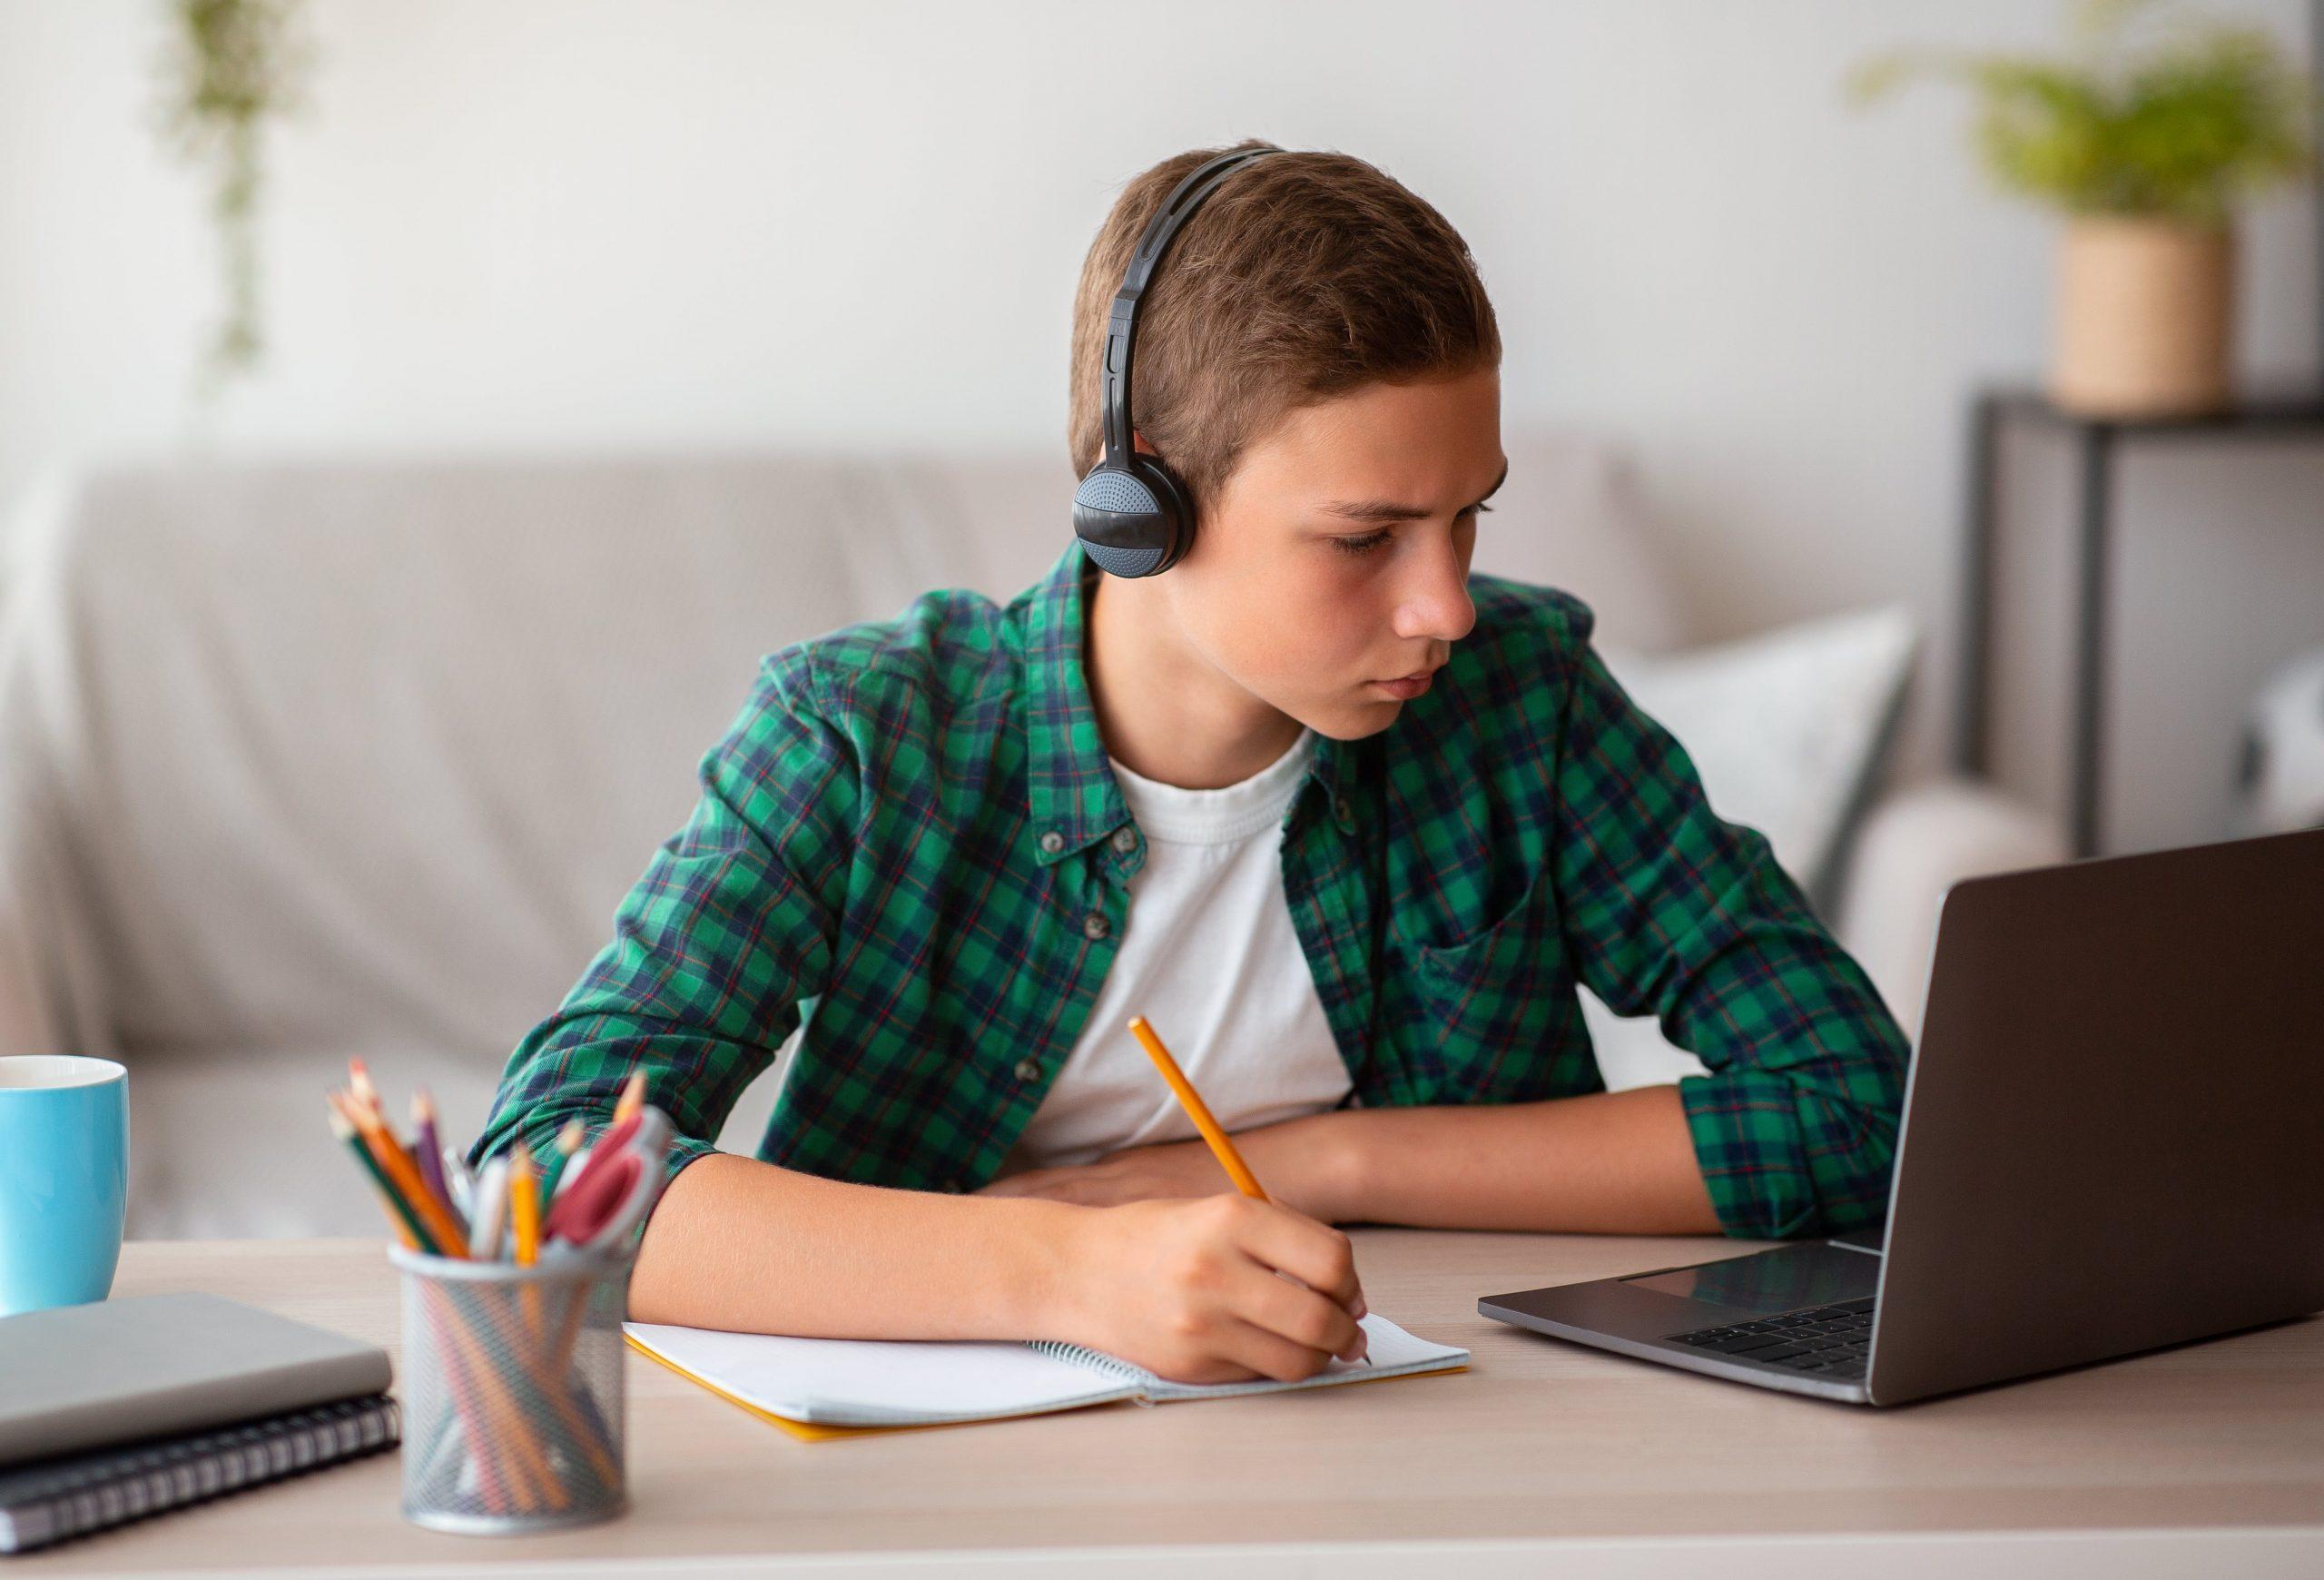 pensive-school-boy-with-earphones-studying-online–XXEV6ED-min